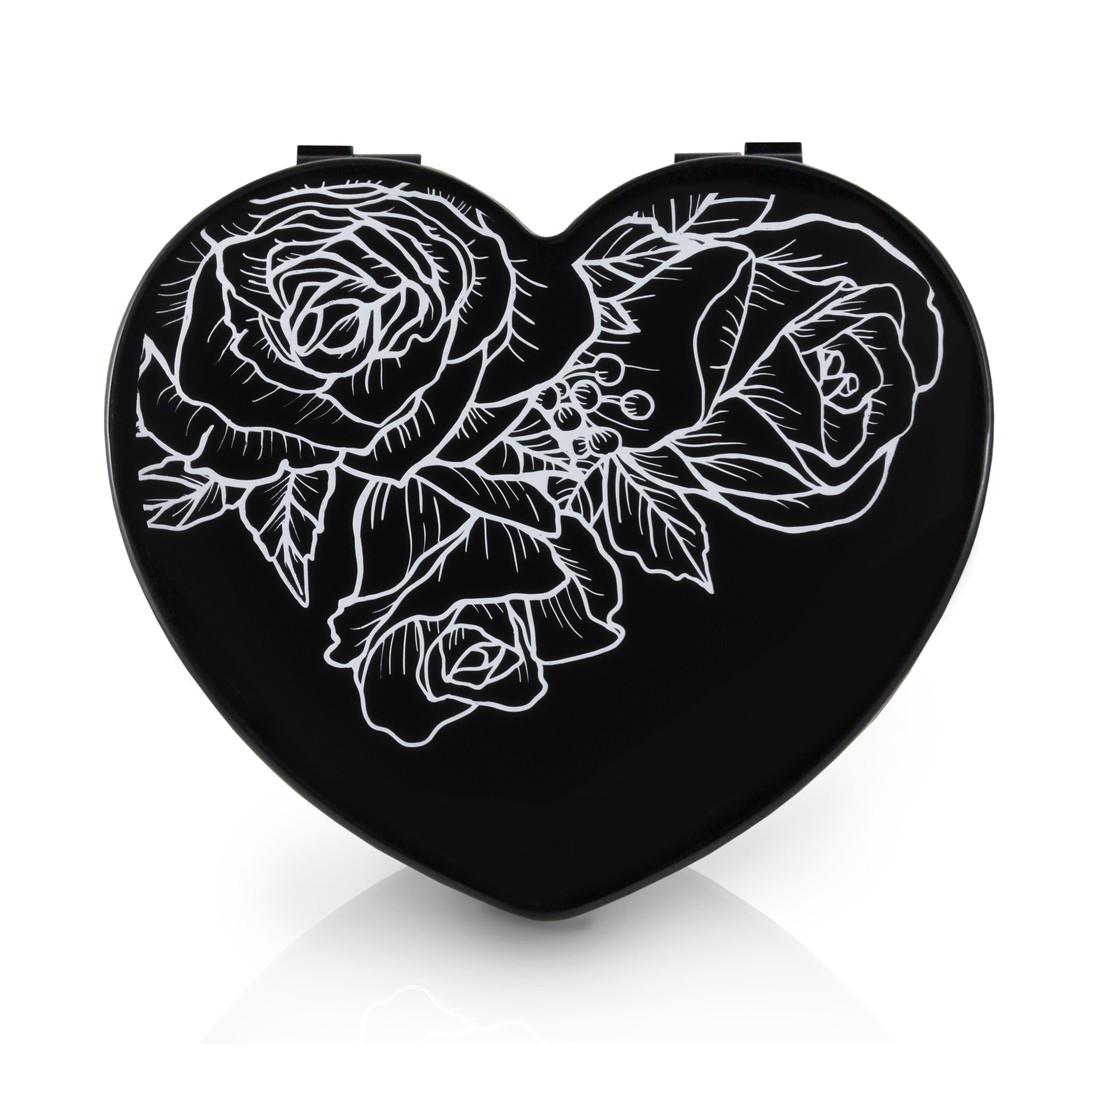 Caixa Organizadora Coração Tamanho Pequeno Jacki Design